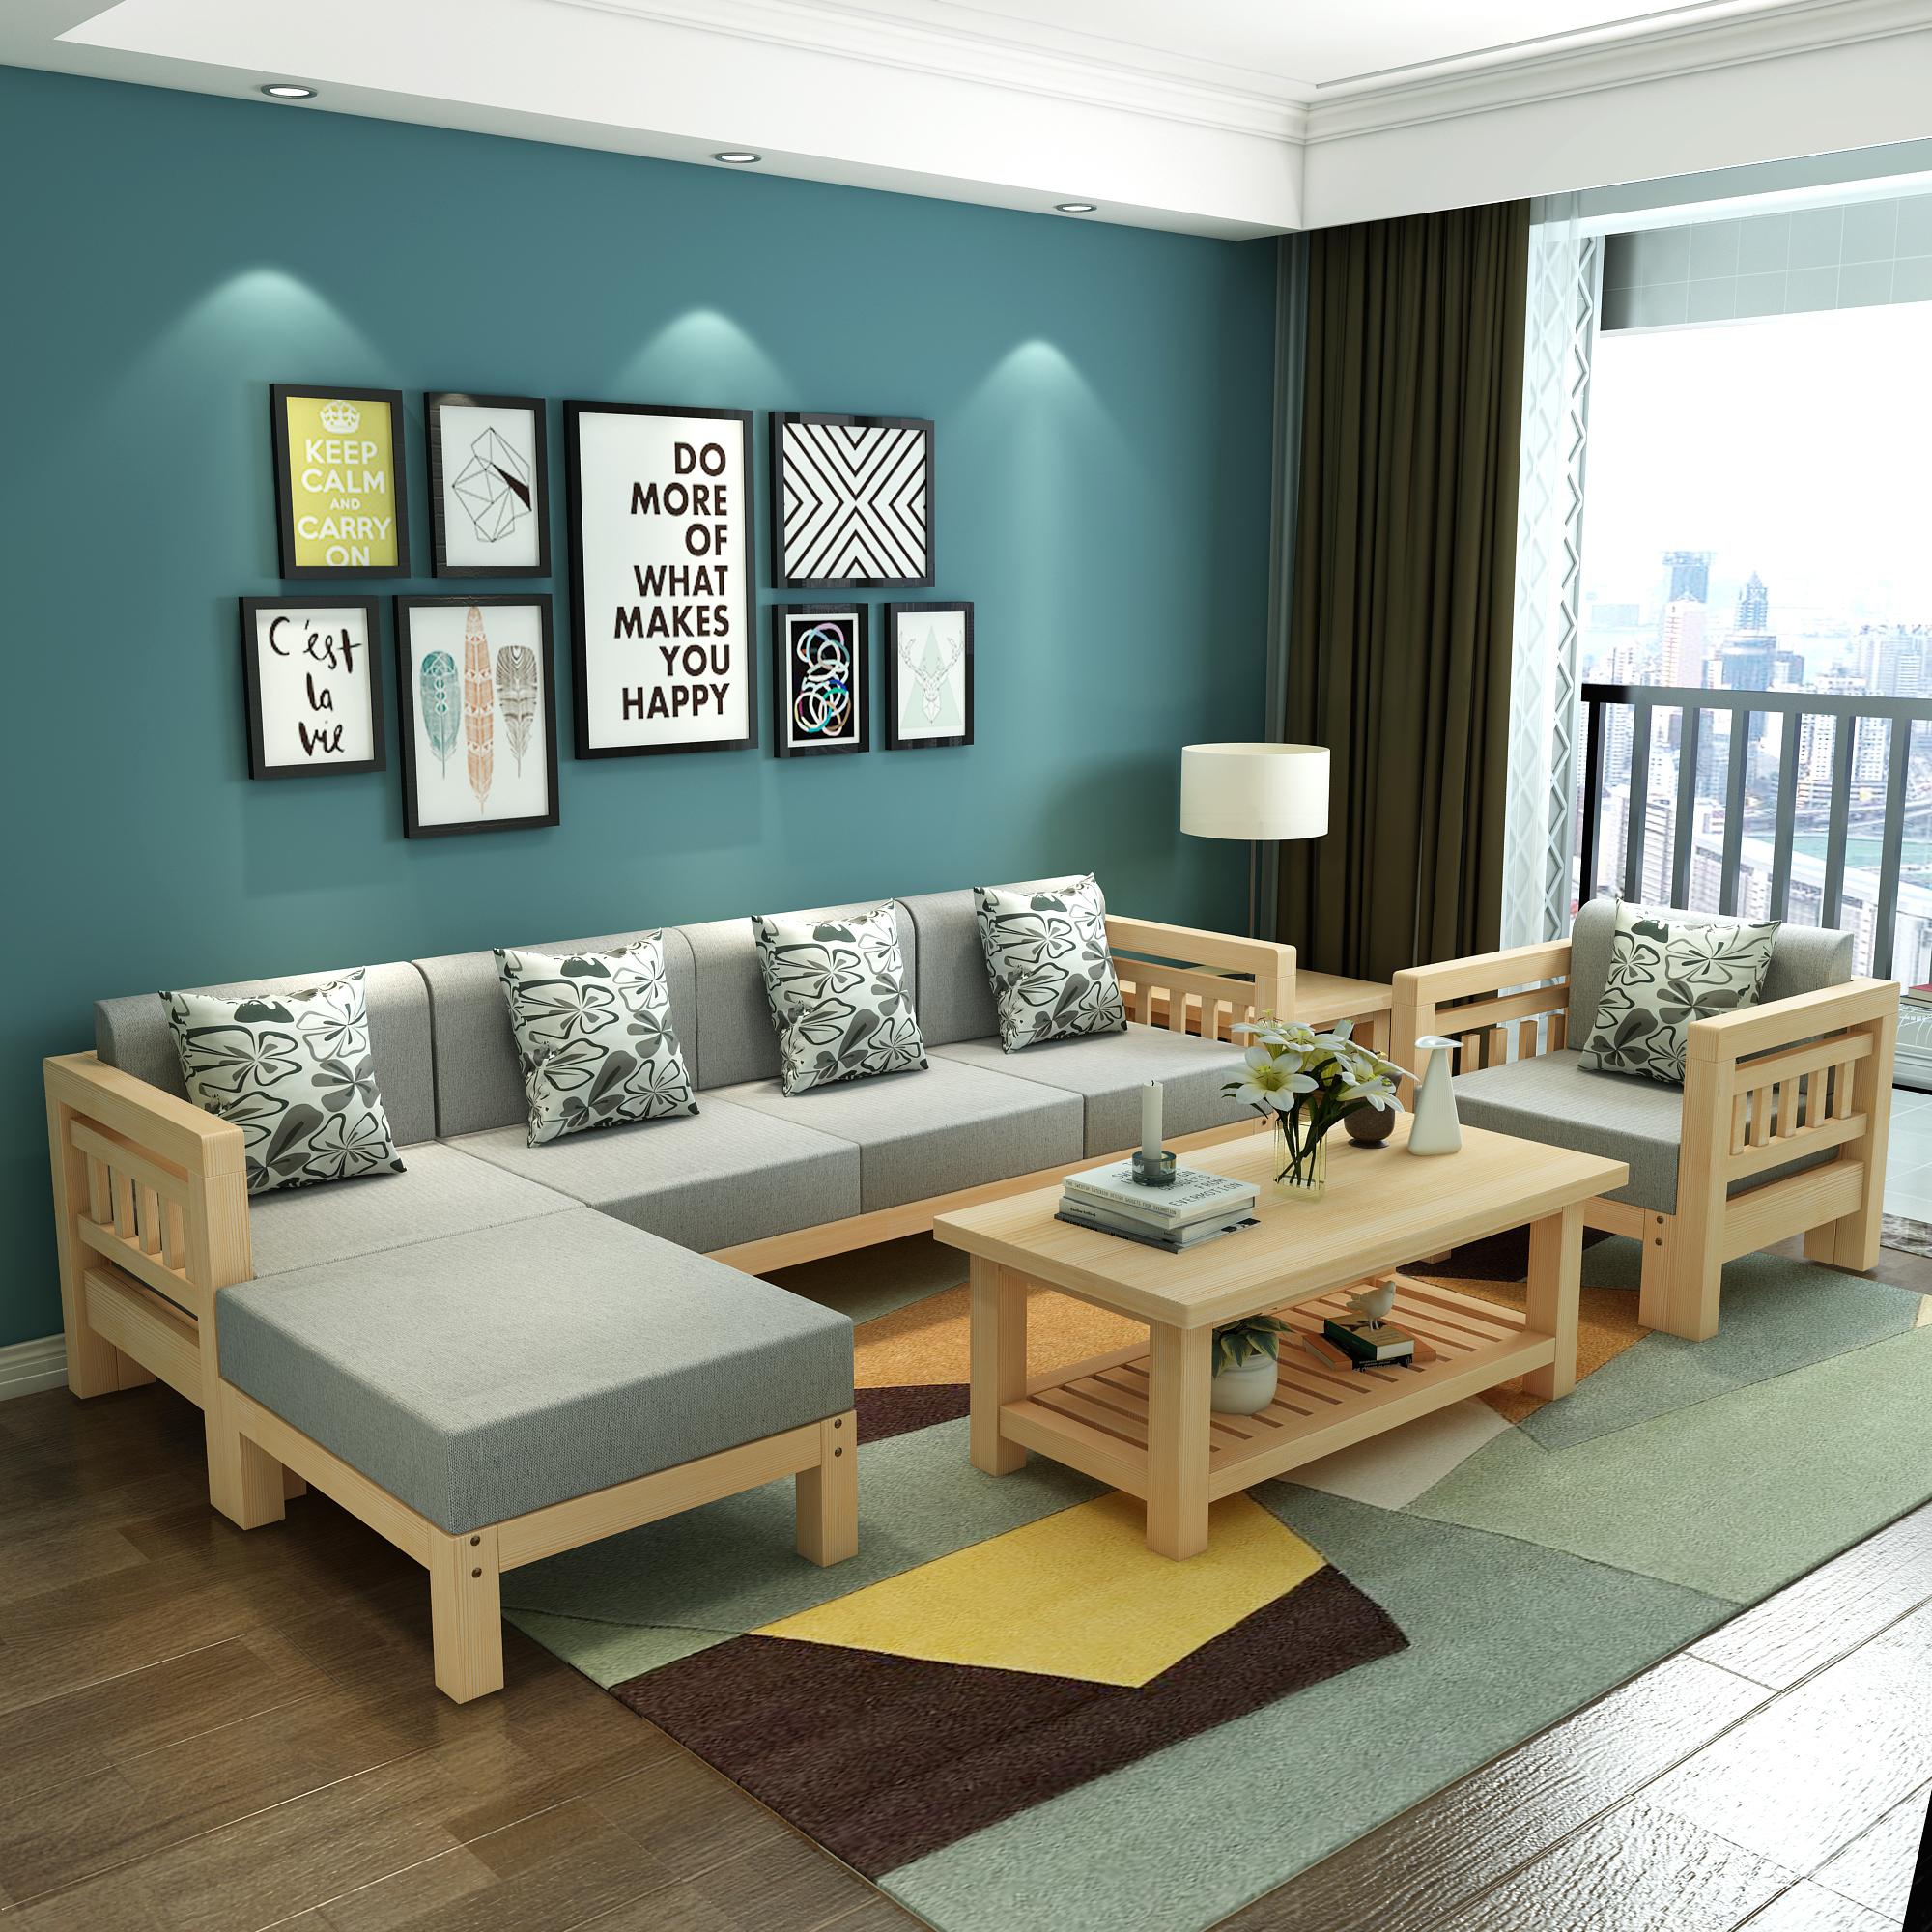 Дерево диван новый китайский стиль сочетание современный простой с передачей угол королевский небольшой квартира гостиная три человека ткань диван